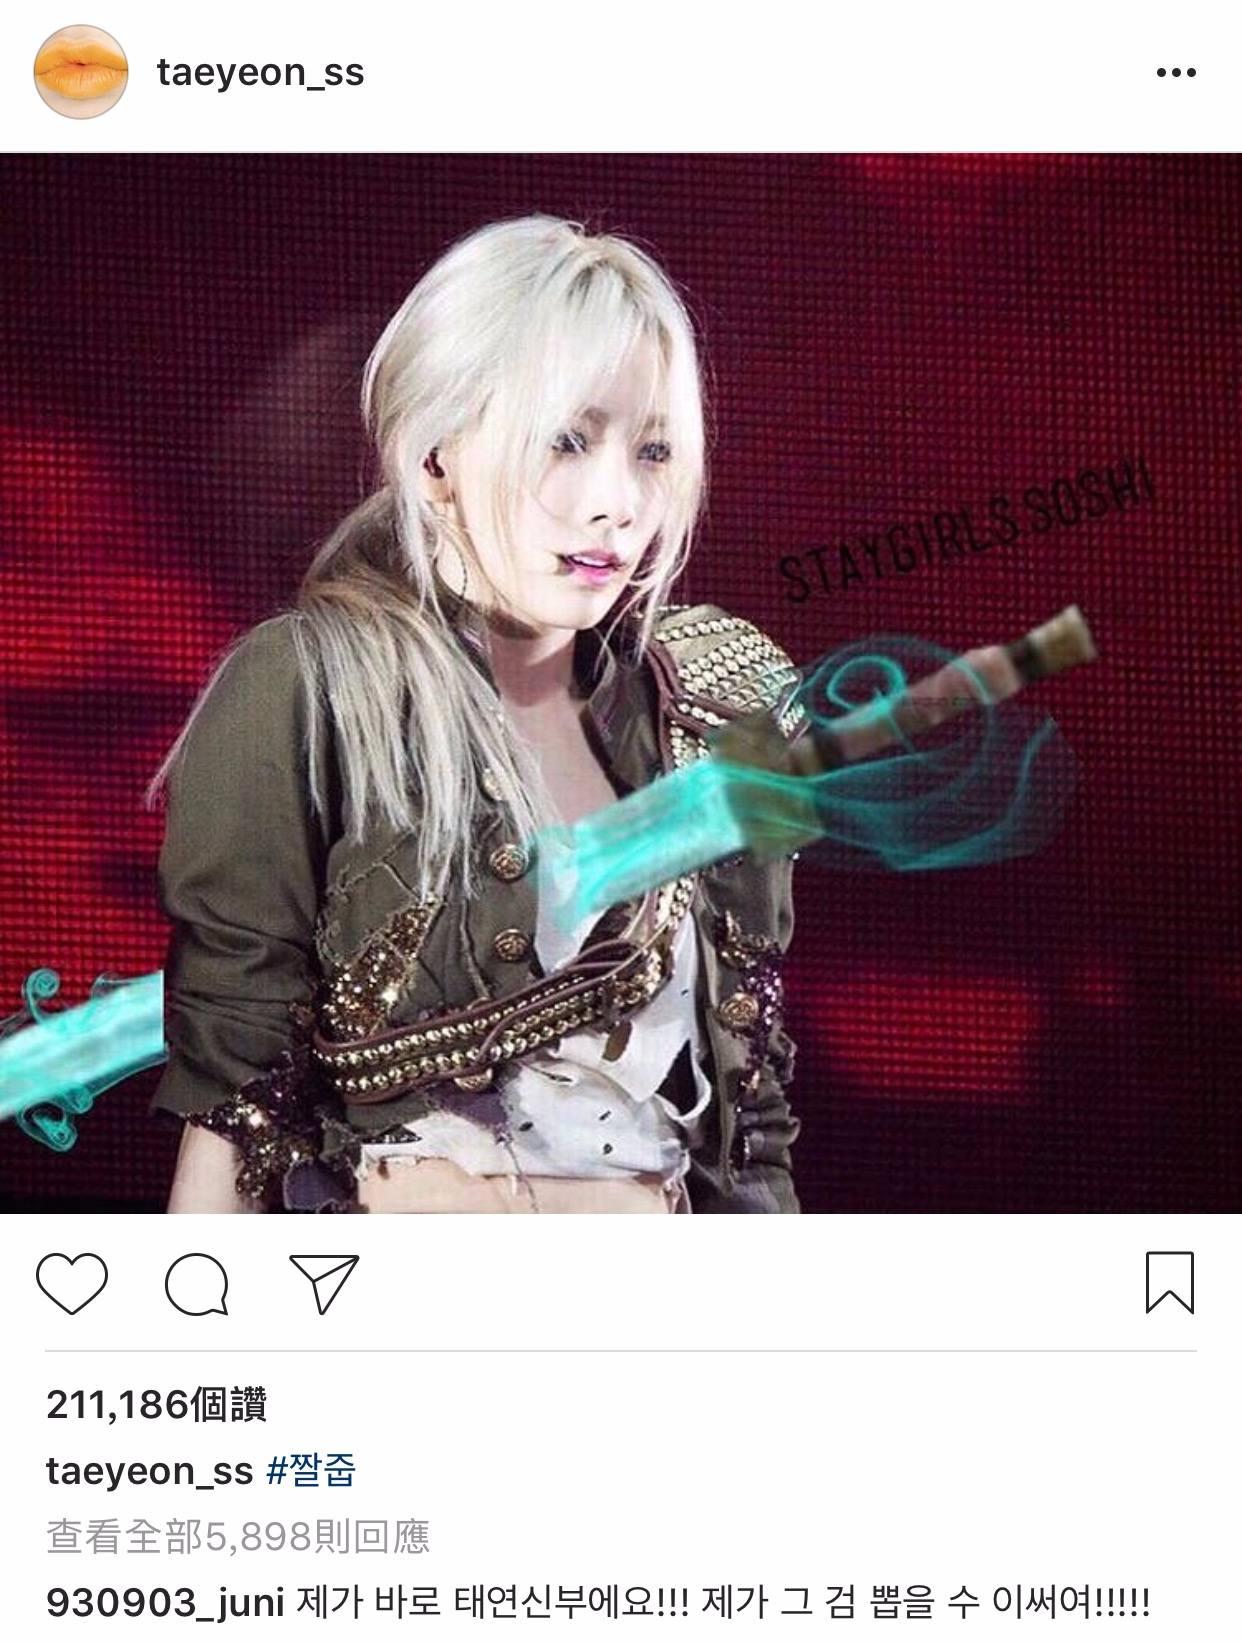 就連近期太妍上傳這張鬼怪照片後,狂熱粉絲Juniel也立刻留言「我就是太妍的新娘!!! 我可以拔出那把劍!!!!!」  會不會太可愛啦~~~感覺Juniel就是邊留言邊尖叫的樣子啊XDD